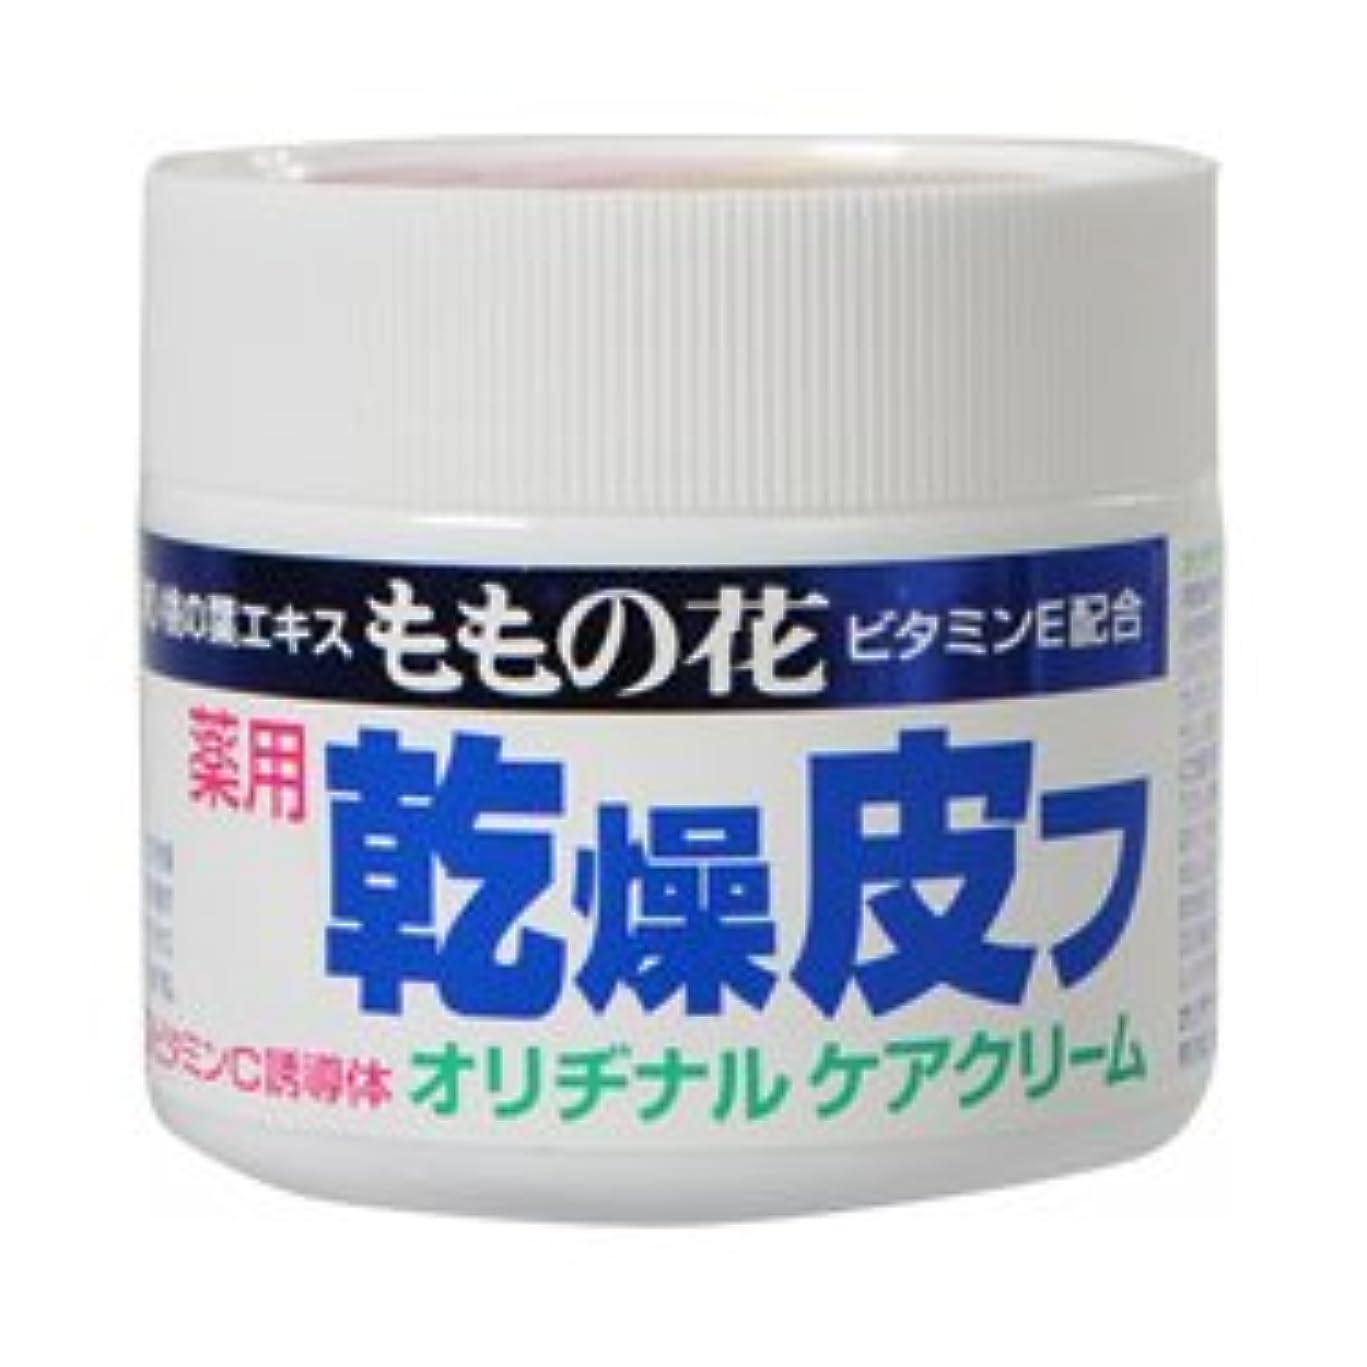 魂差洗剤【オリヂナル】ももの花乾燥皮フクリームC 70g ×20個セット